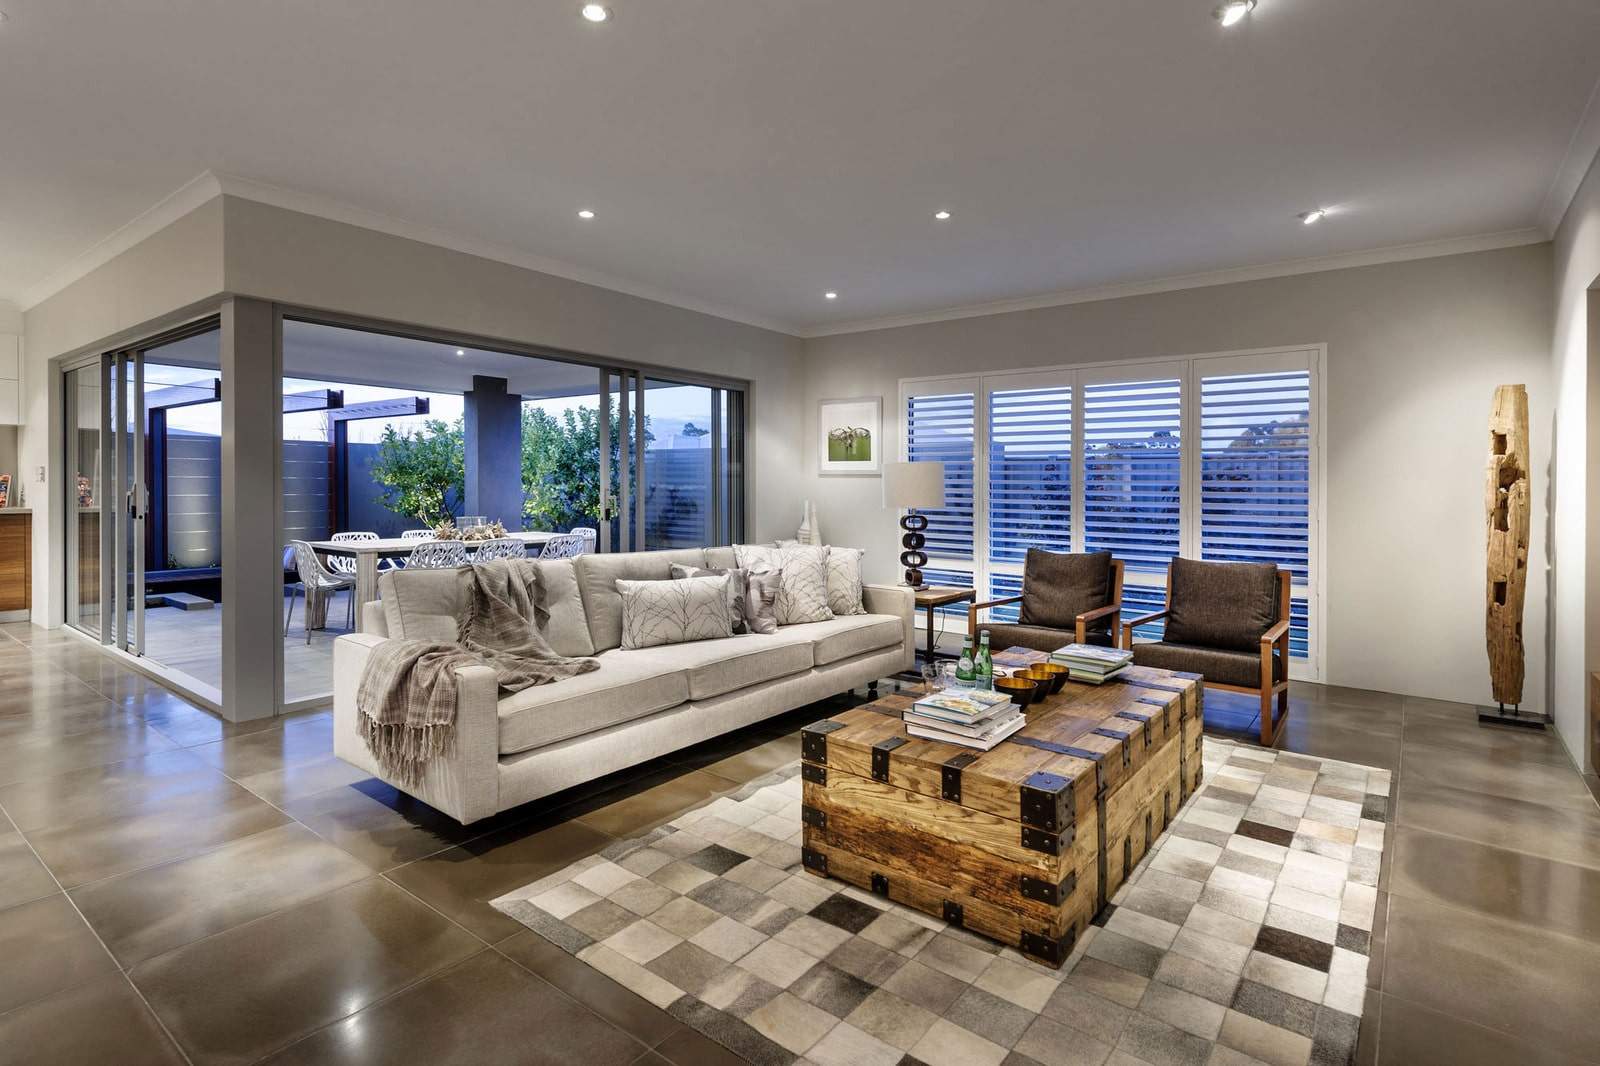 Dise o de casa moderna de dos pisos fachada e interiores Imagenes de disenos de interiores de casas